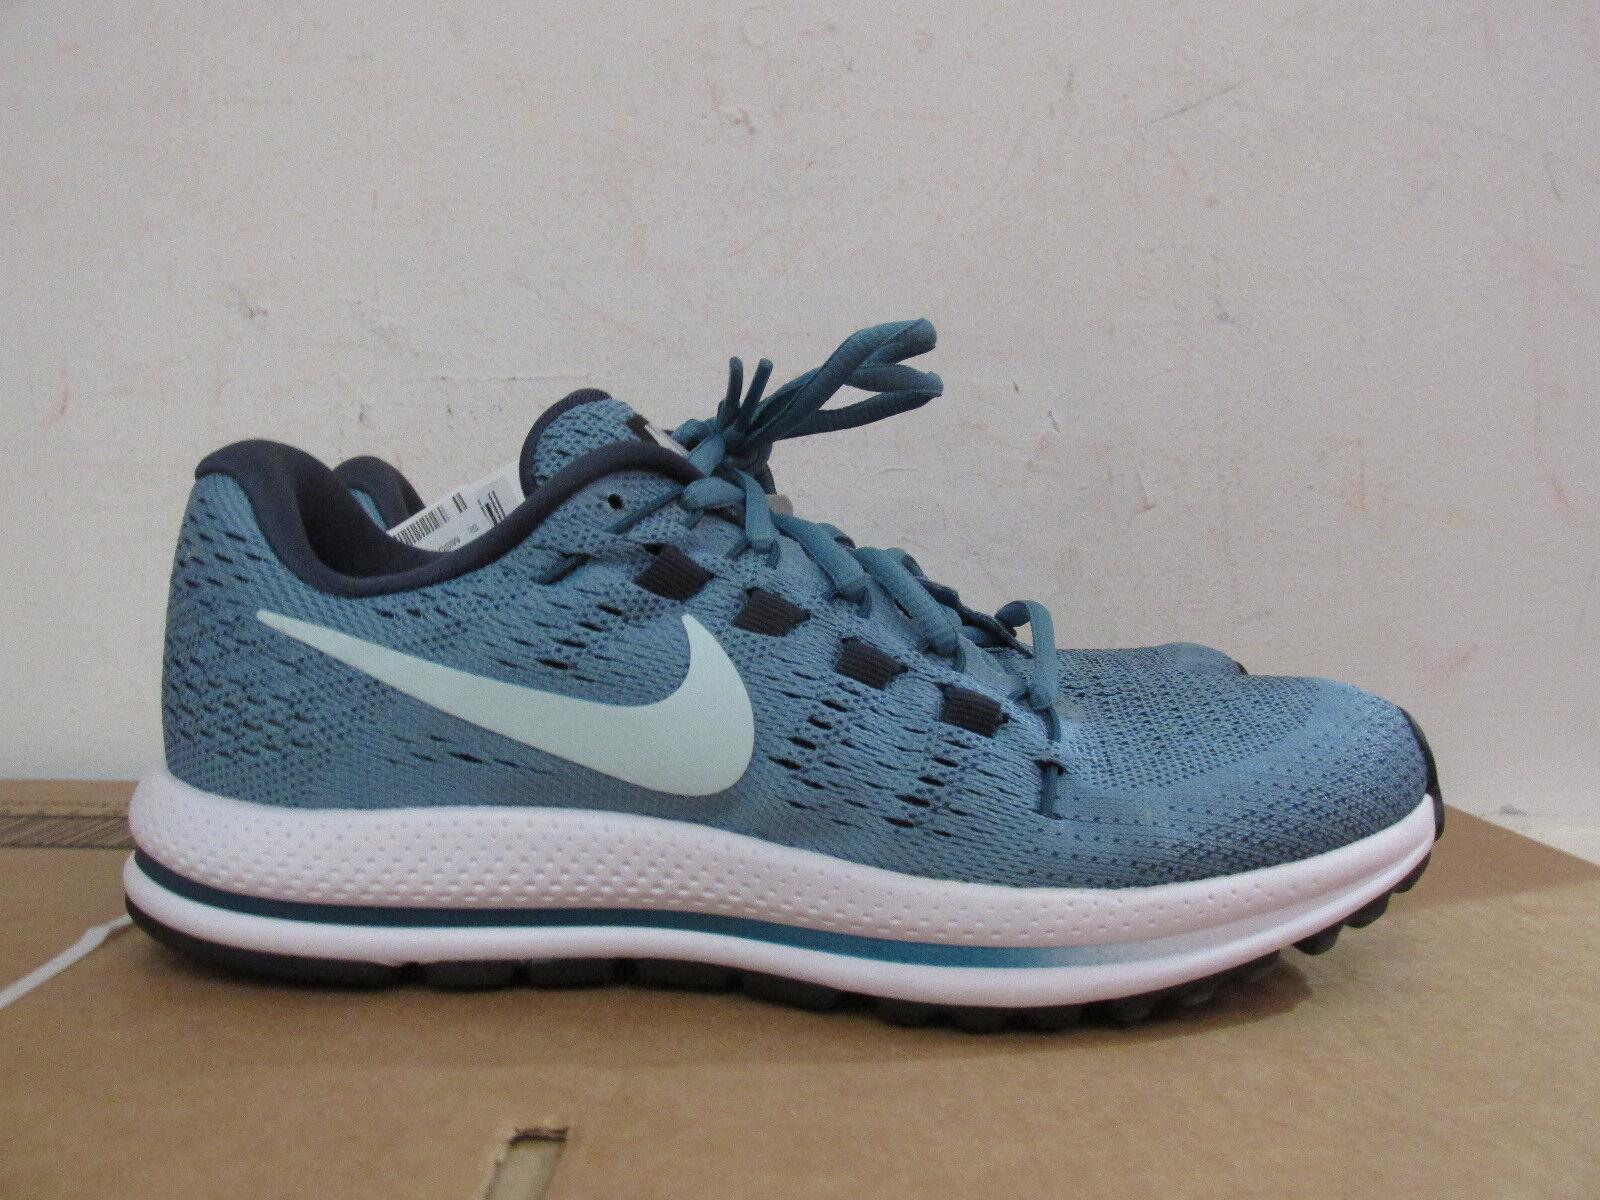 Nike Zoom Vomero 12 Zapatillas para mujer 863766 403 tenis zapatos de muestra